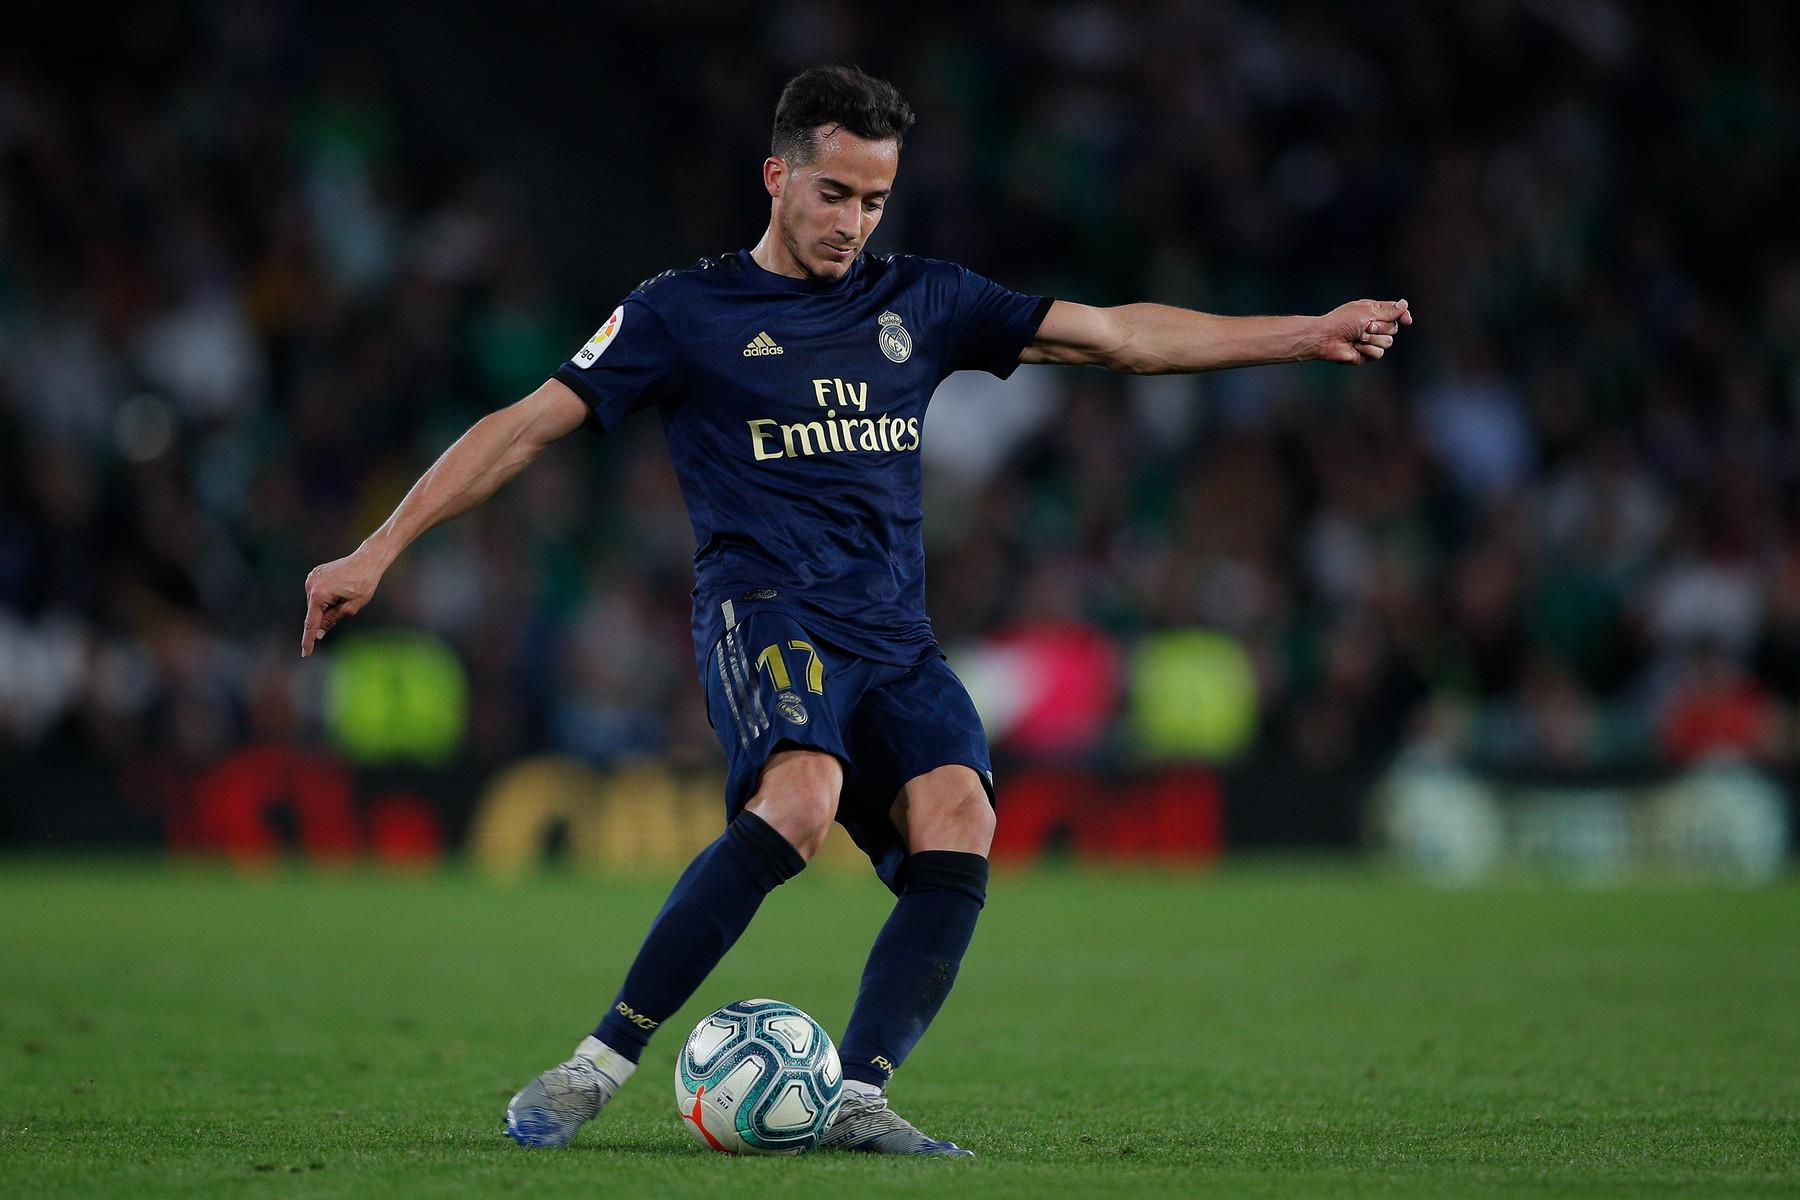 Lucas Vazquez (Real Madrid)